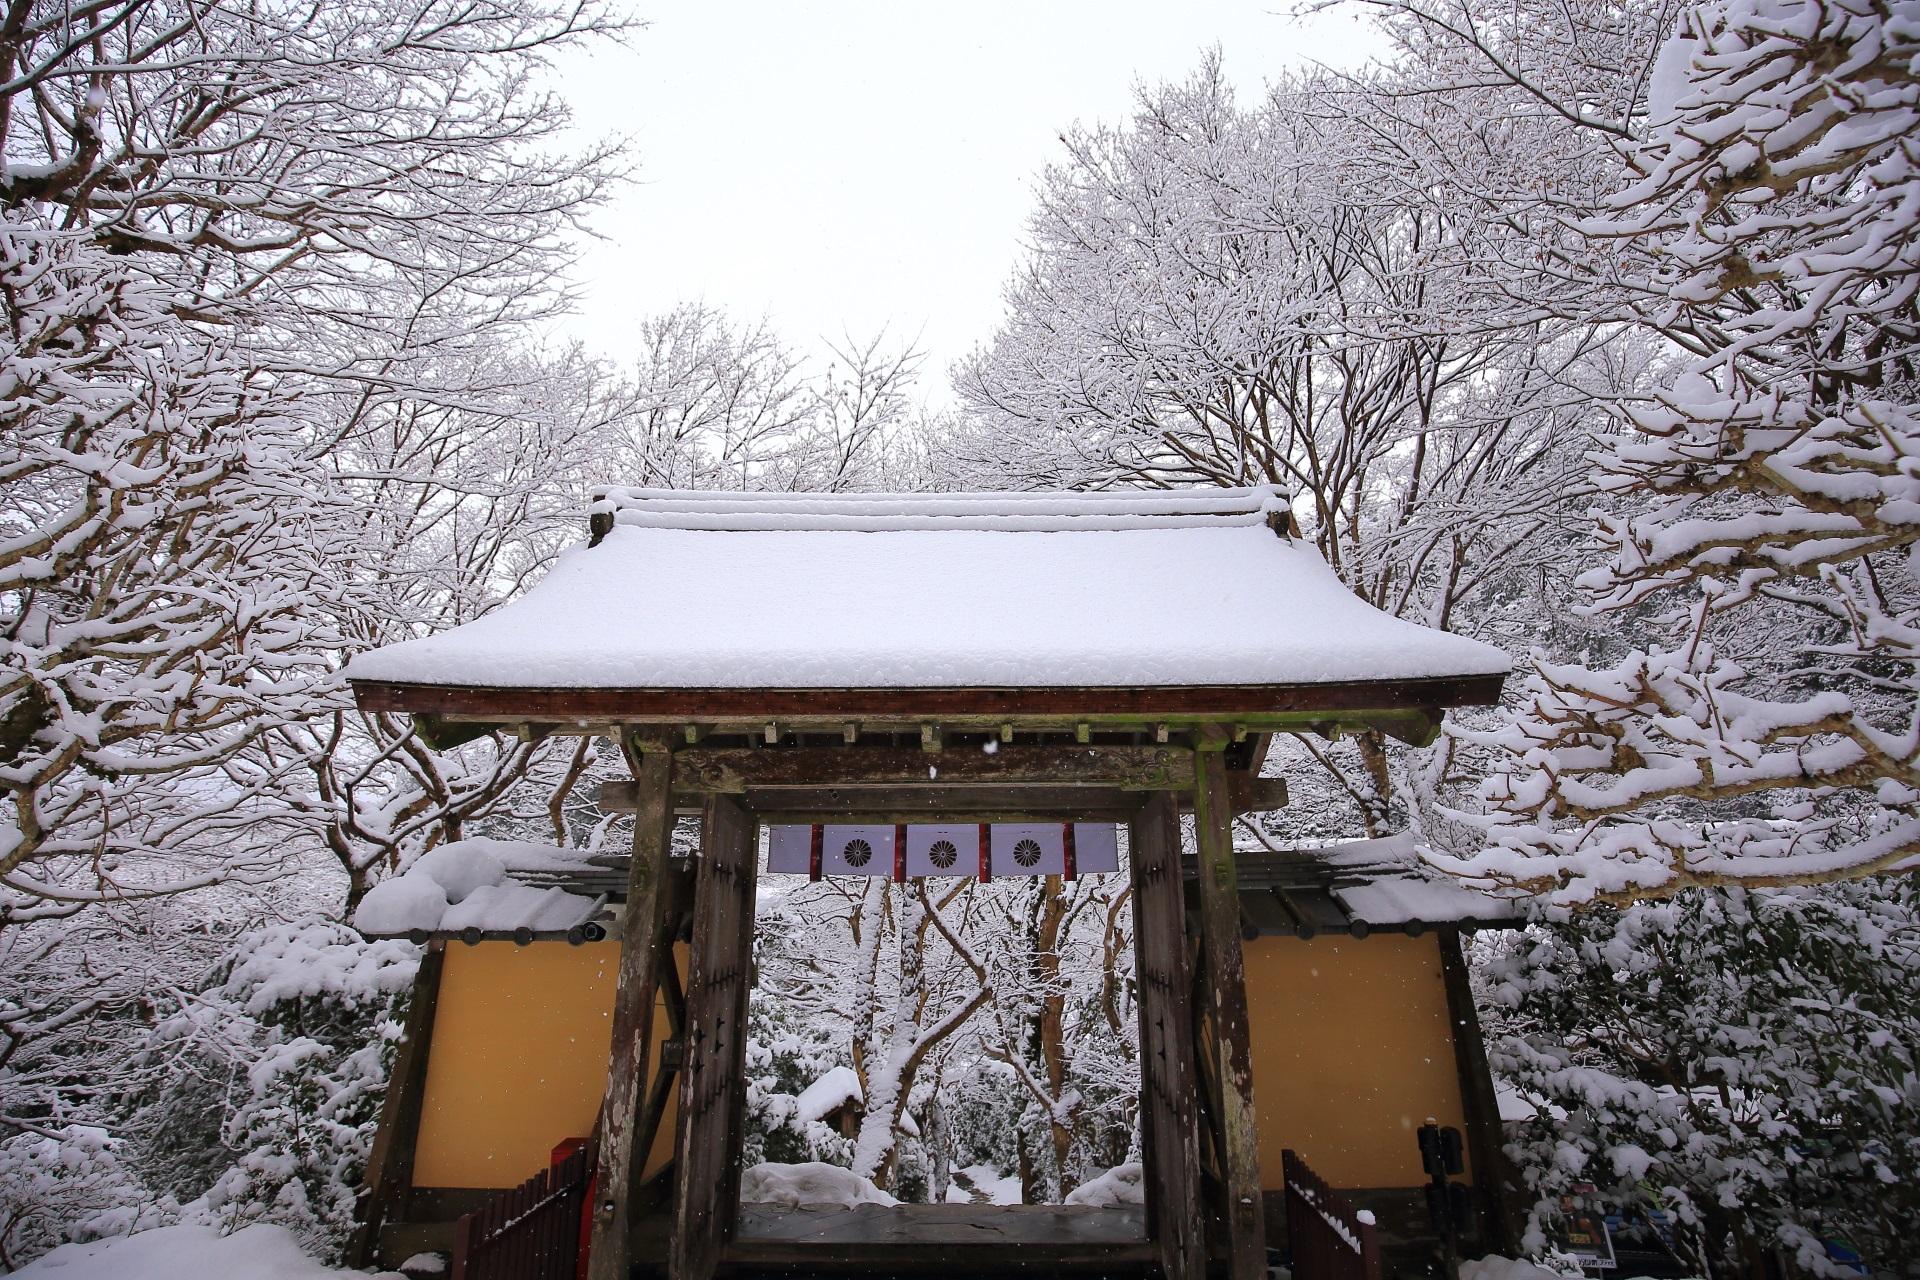 山門の内側から眺めた素晴らしい雪景色